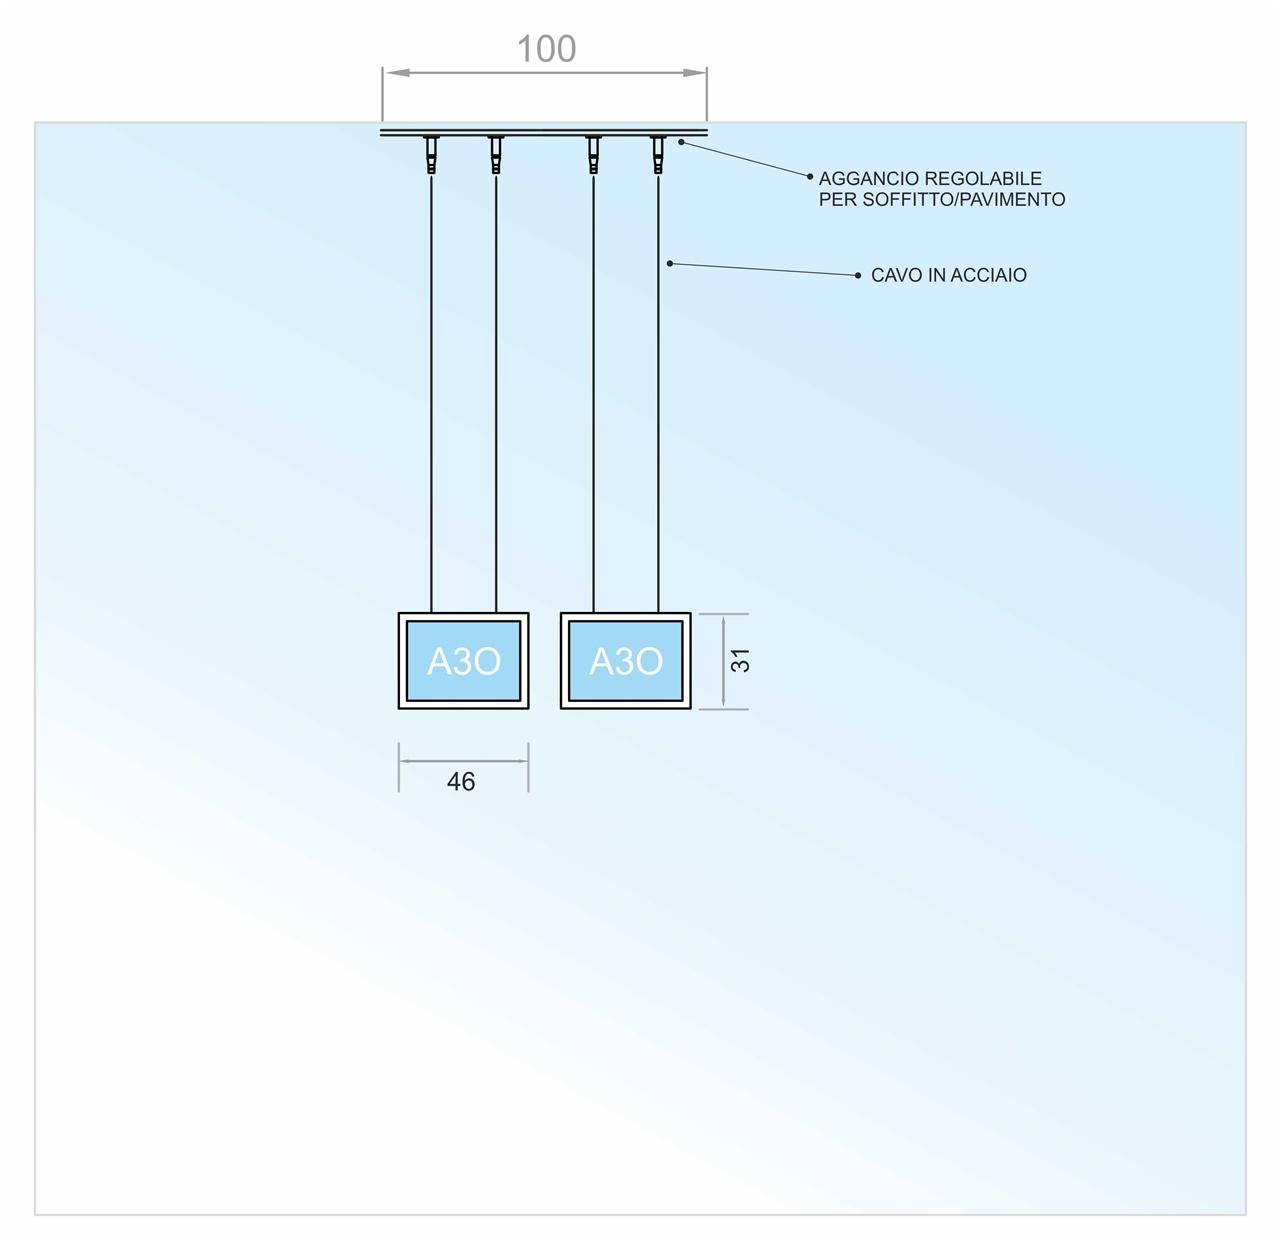 Espositore a cavetti con 2 tasche a led f.to A3 orizzontale (1 V. x 2 O.)